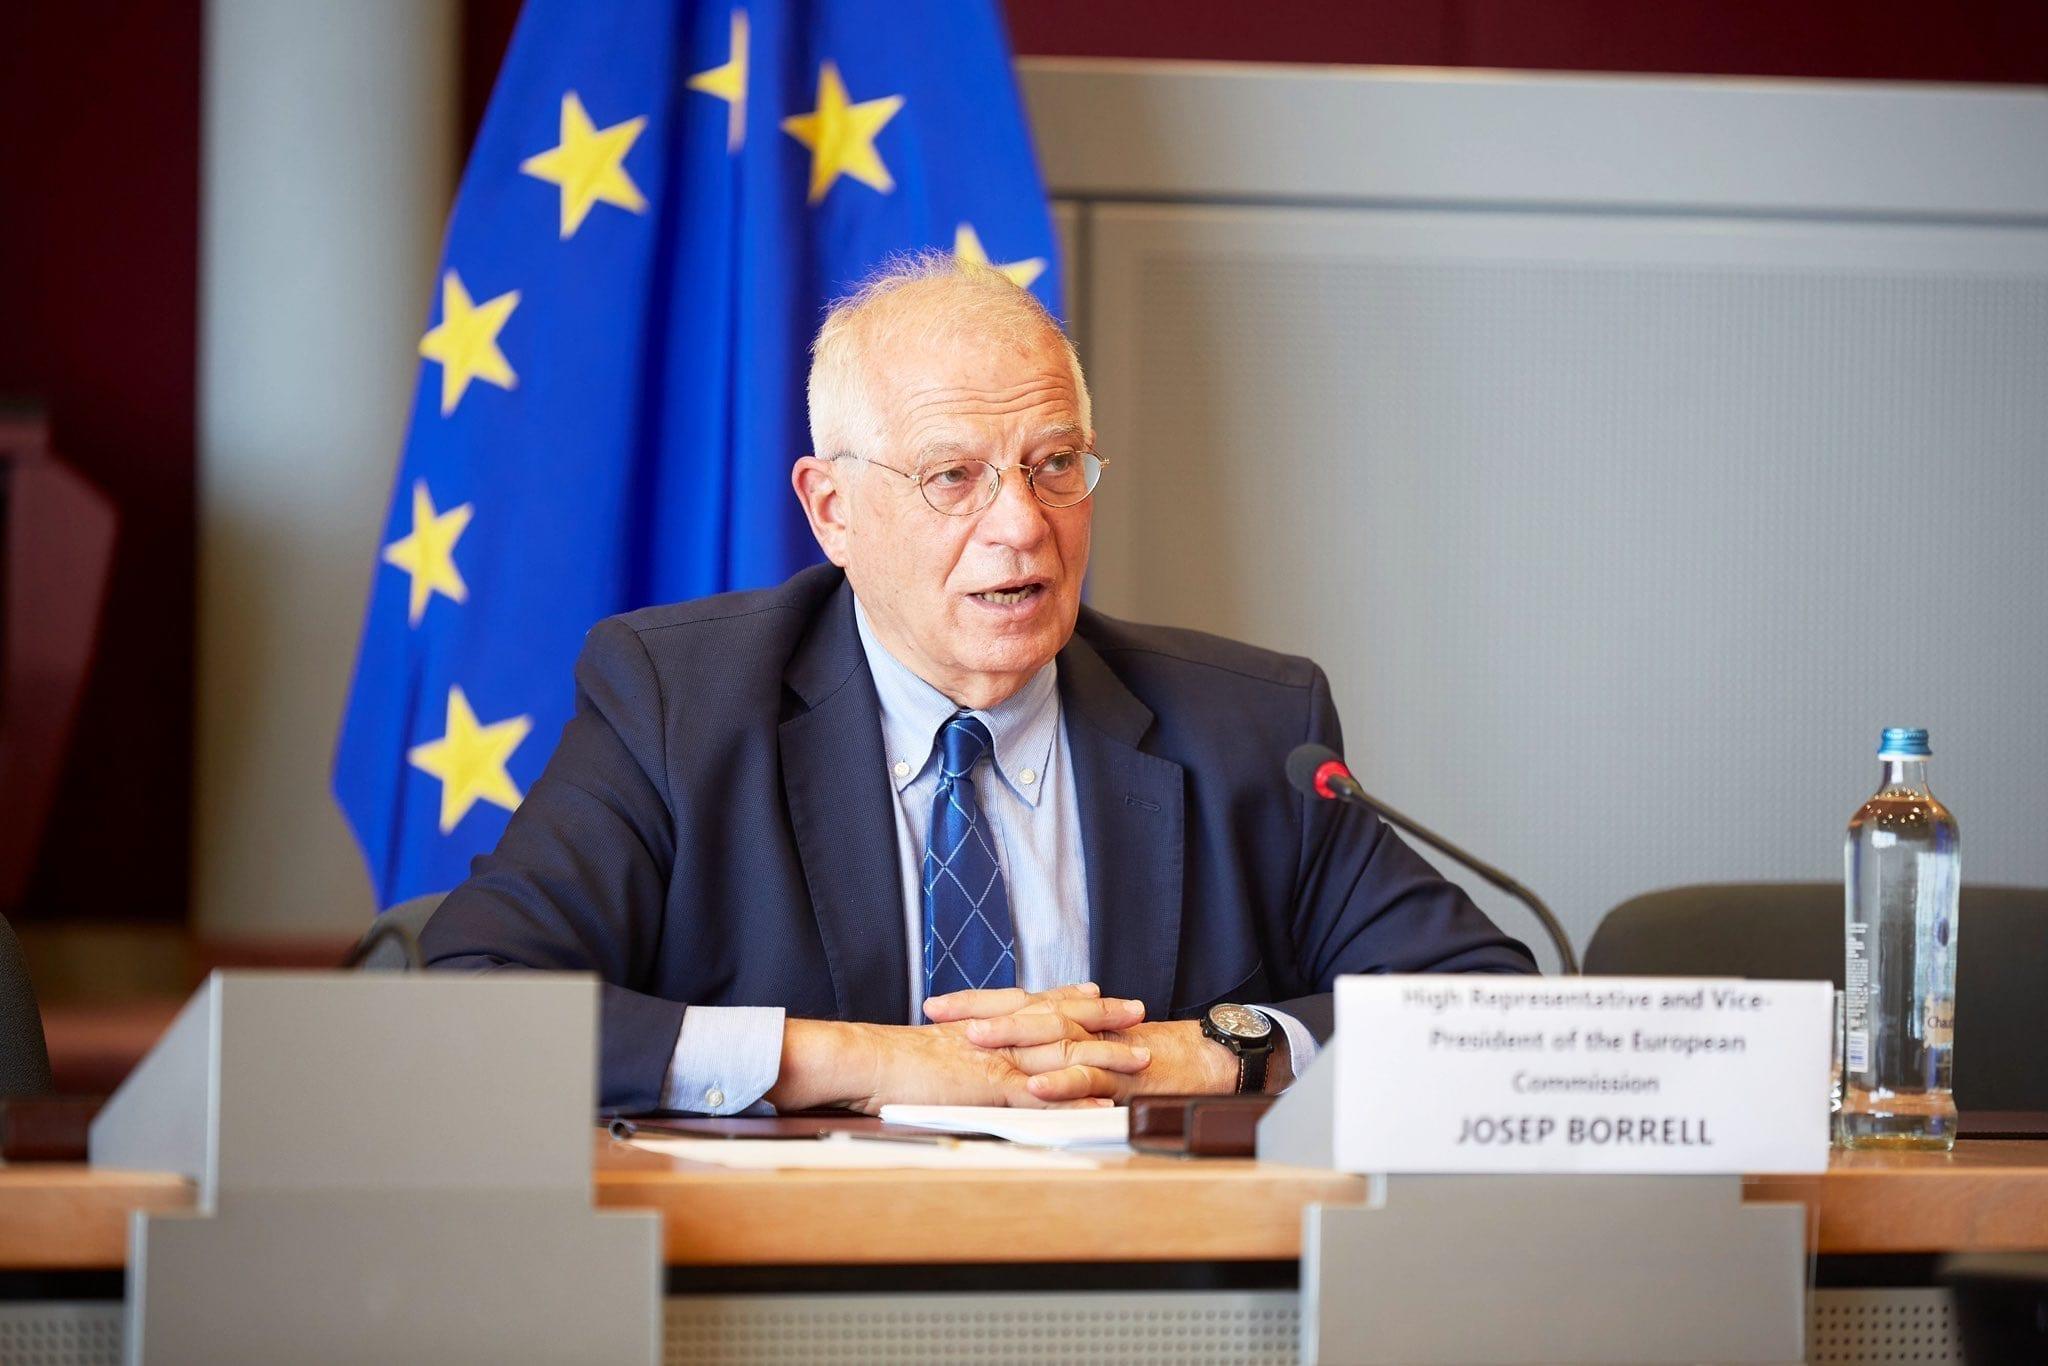 joseph borrell Unión Europea